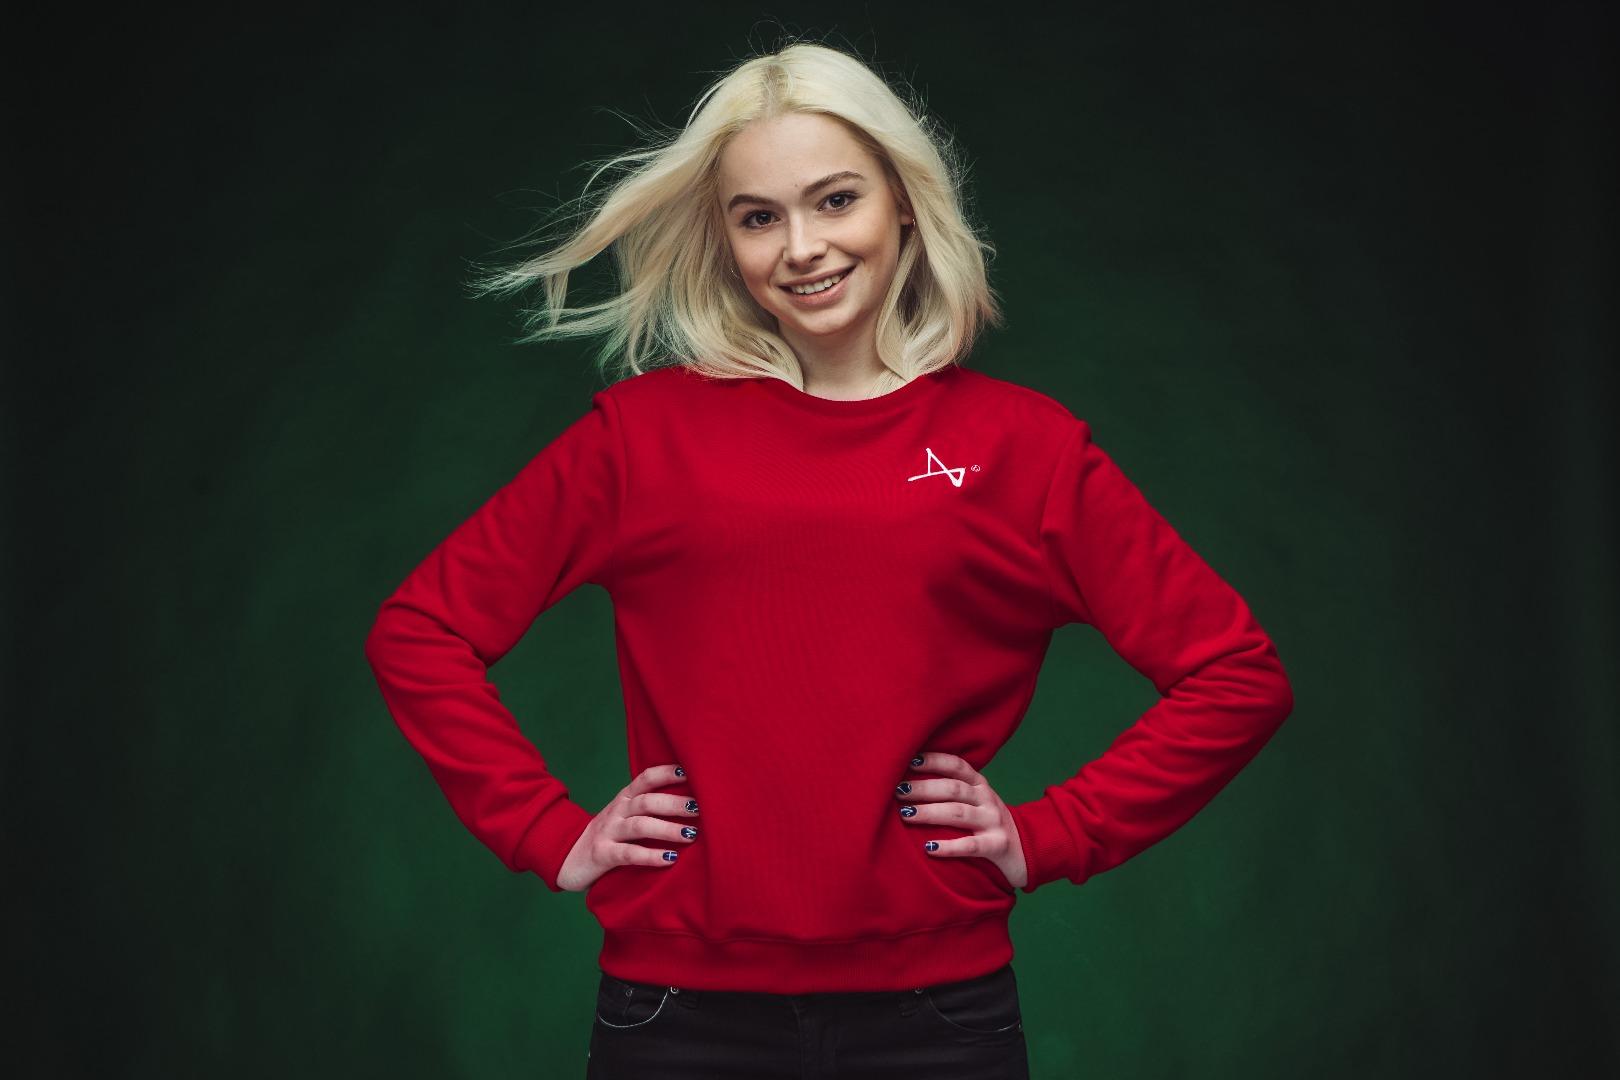 Simple Sweatshirt WMNSТолстовки<br>Женская модель классических однотонных свитшотов от Индивида красного цвета.&#13;<br>Выпонены из футера с начесом. Мягкие и приятные.&#13;<br>&#13;<br>Чтобы подобрать размер ориентируйтесь на свой рост. Если у вас обычное телосложение, то:&#13;<br>- на рост 155 - 160 см обычно подходит размер XS&#13;<br>- на рост 160 - 165 см обычно подходит размер S&#13;<br>- на рост 165 - 175 см обычно подходит размер М&#13;<br>- на рост 175 - 190 см лучше брать размер L<br>Размер: M,L,S,XS;